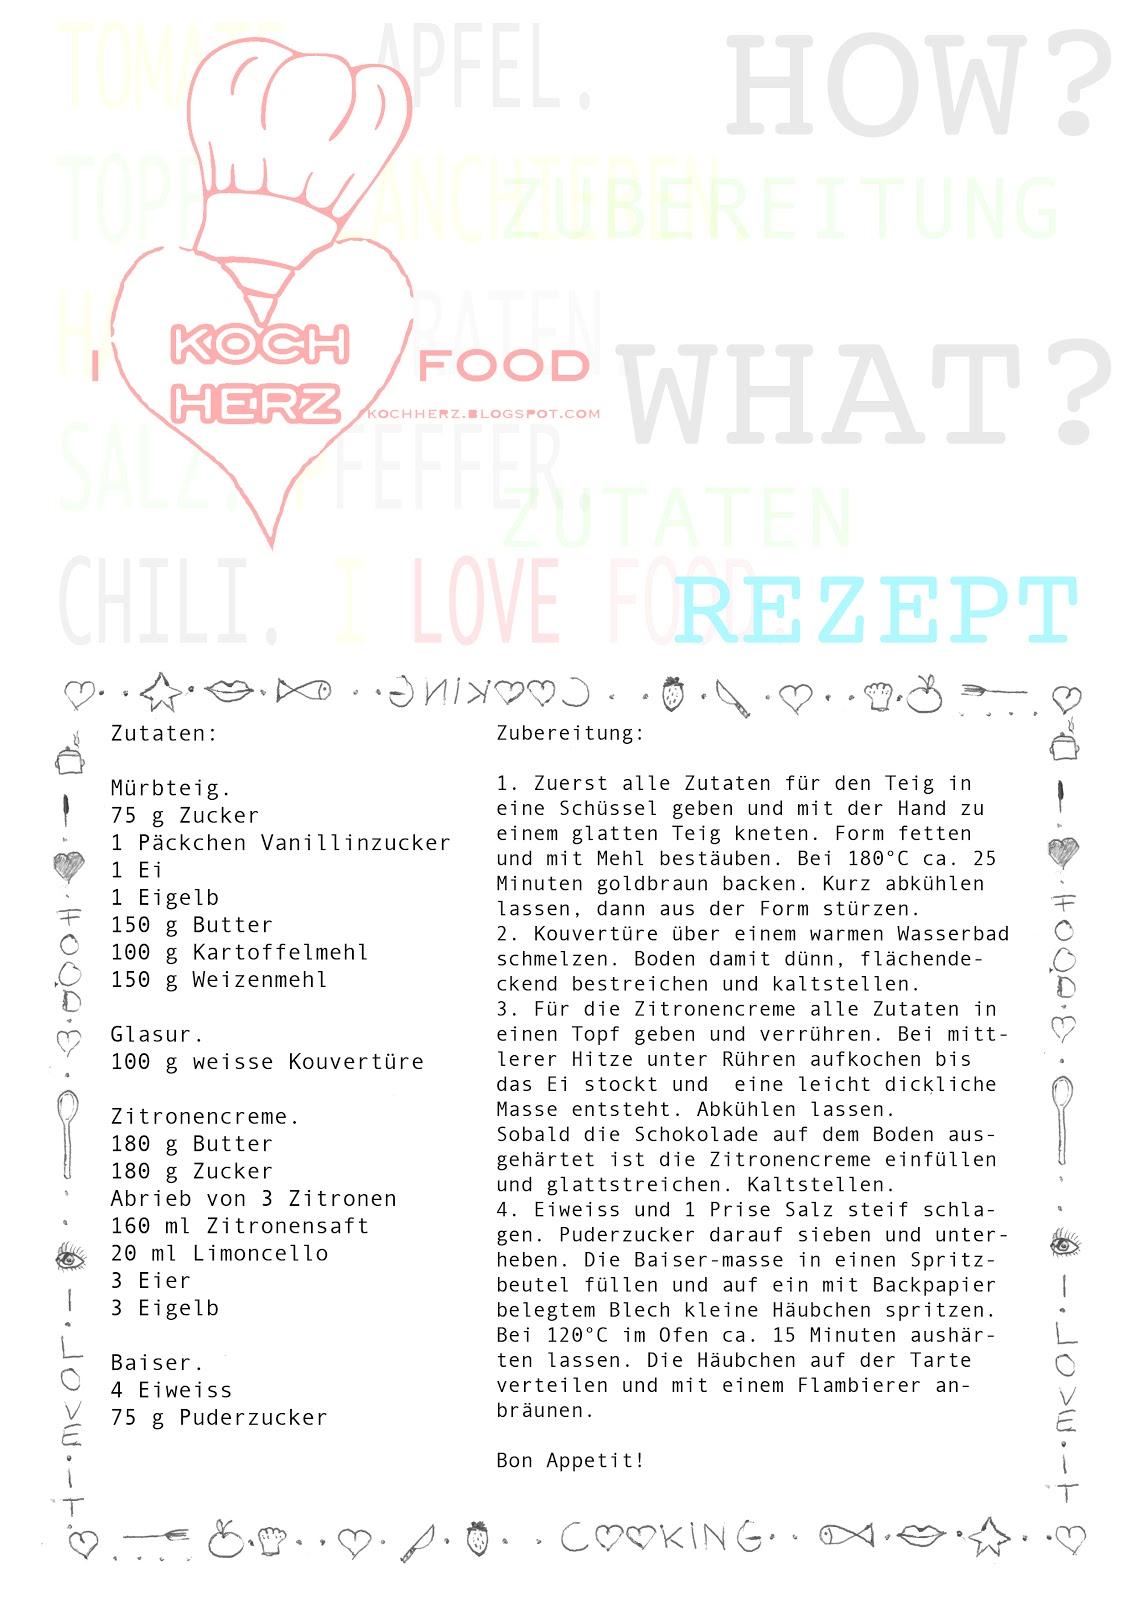 Zitronentarte - Rezept zum Download